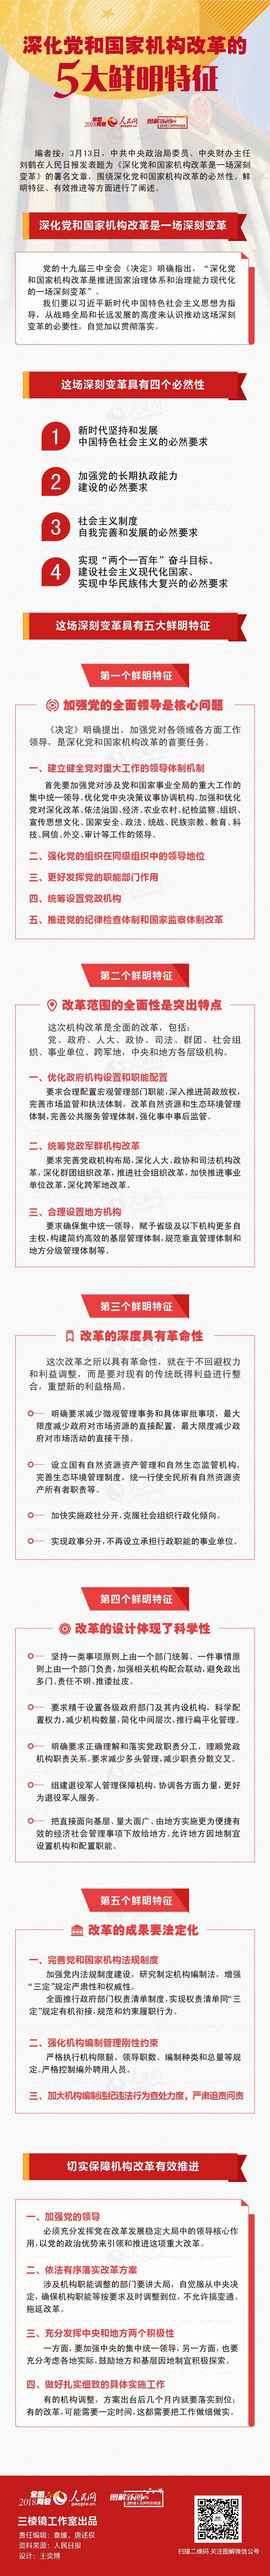 图解:深化党和国家机构改革的5大鲜明特征